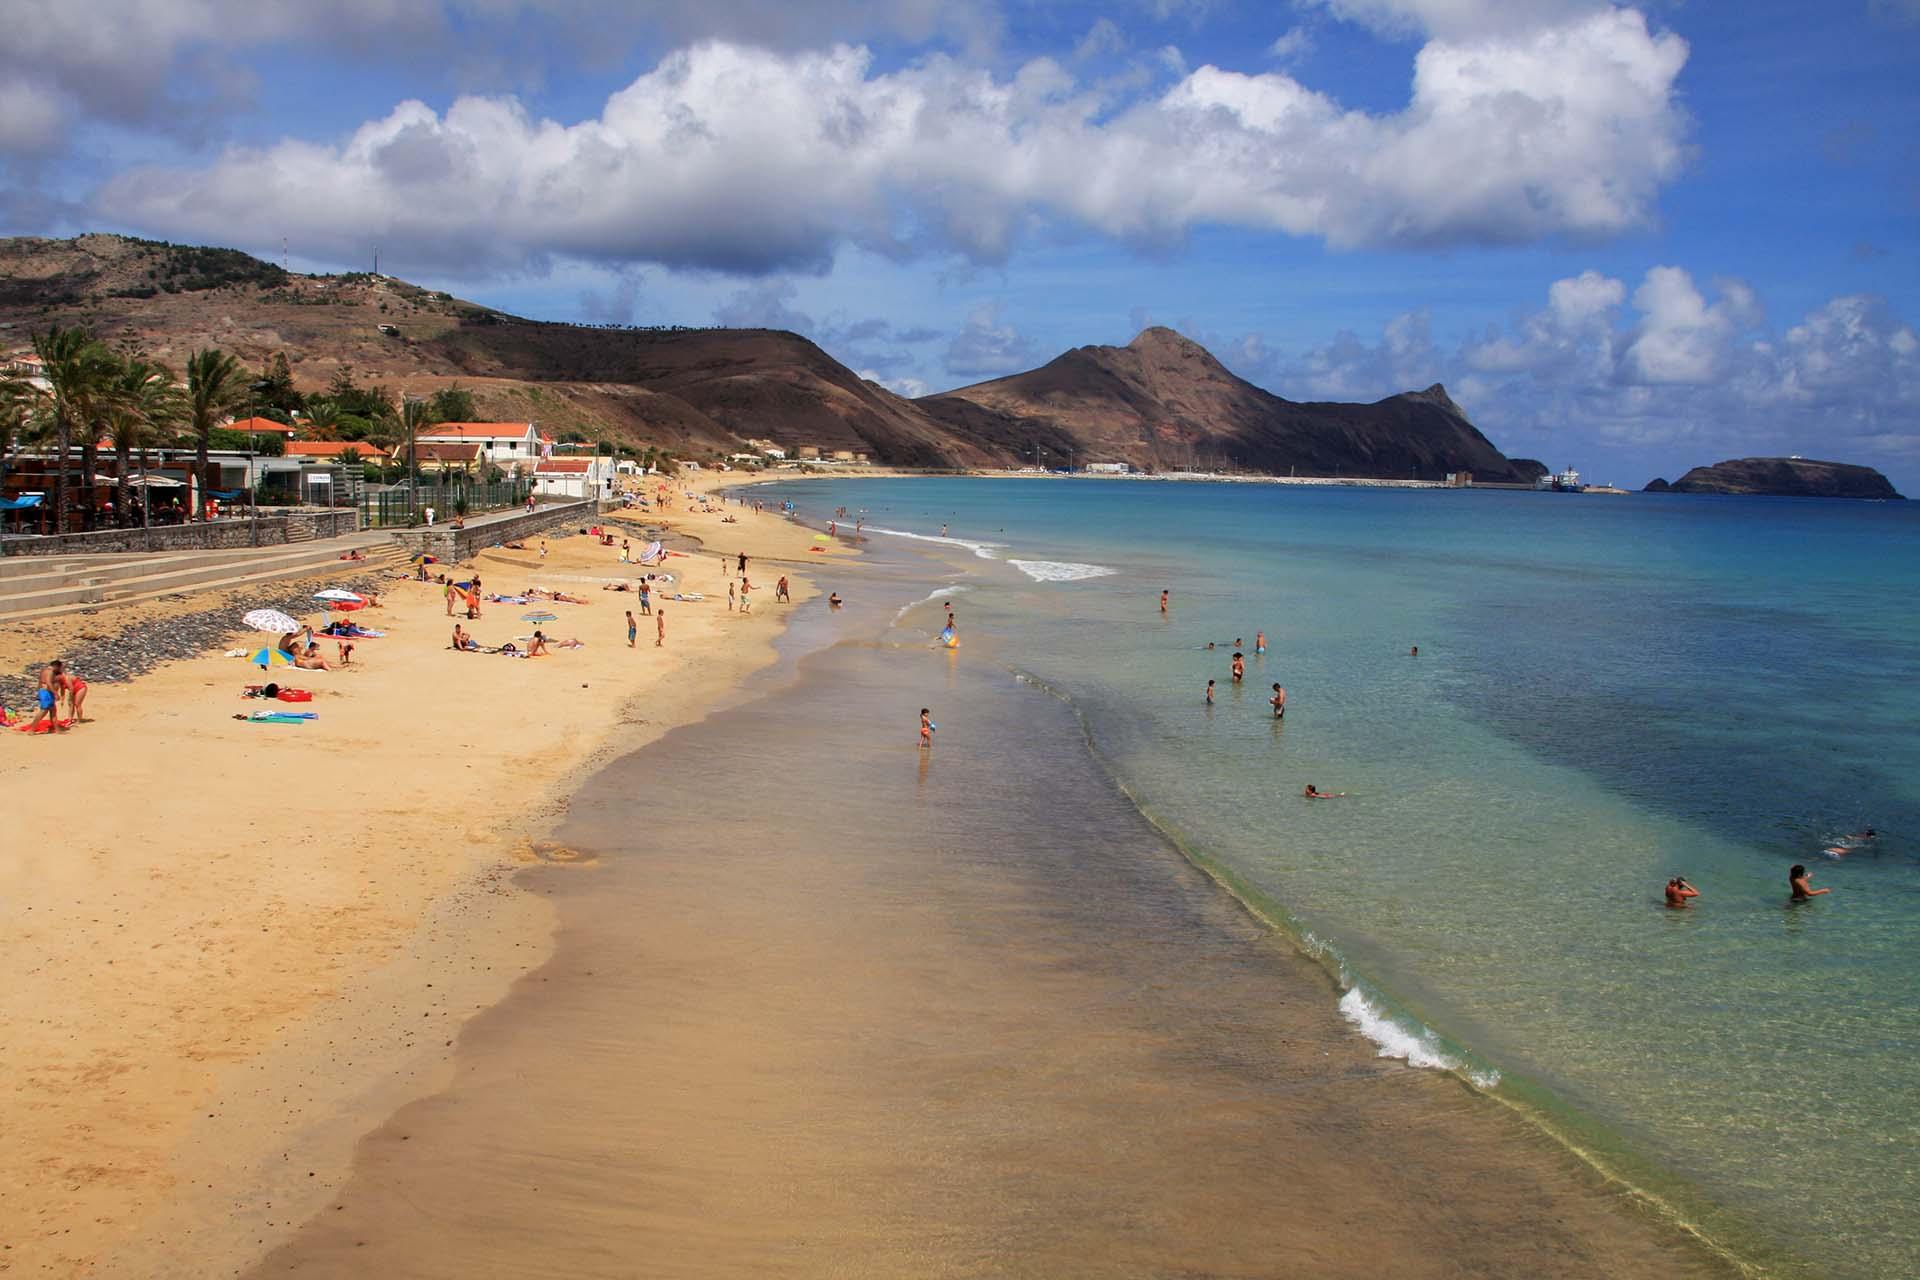 Portugal se considera uno de los destinos más seguros, e incluso, Madeira es la región menos afectada del país. Madeira es un archipiélago formado por varias islas. Está Madeira, la isla principal, pero también otras pequeñas islas como Porto Santo. (5.500 habitantes). Las playas de arena dorada de Porto Santo son mundialmente famosas, por las virtudes terapéuticas de su arena